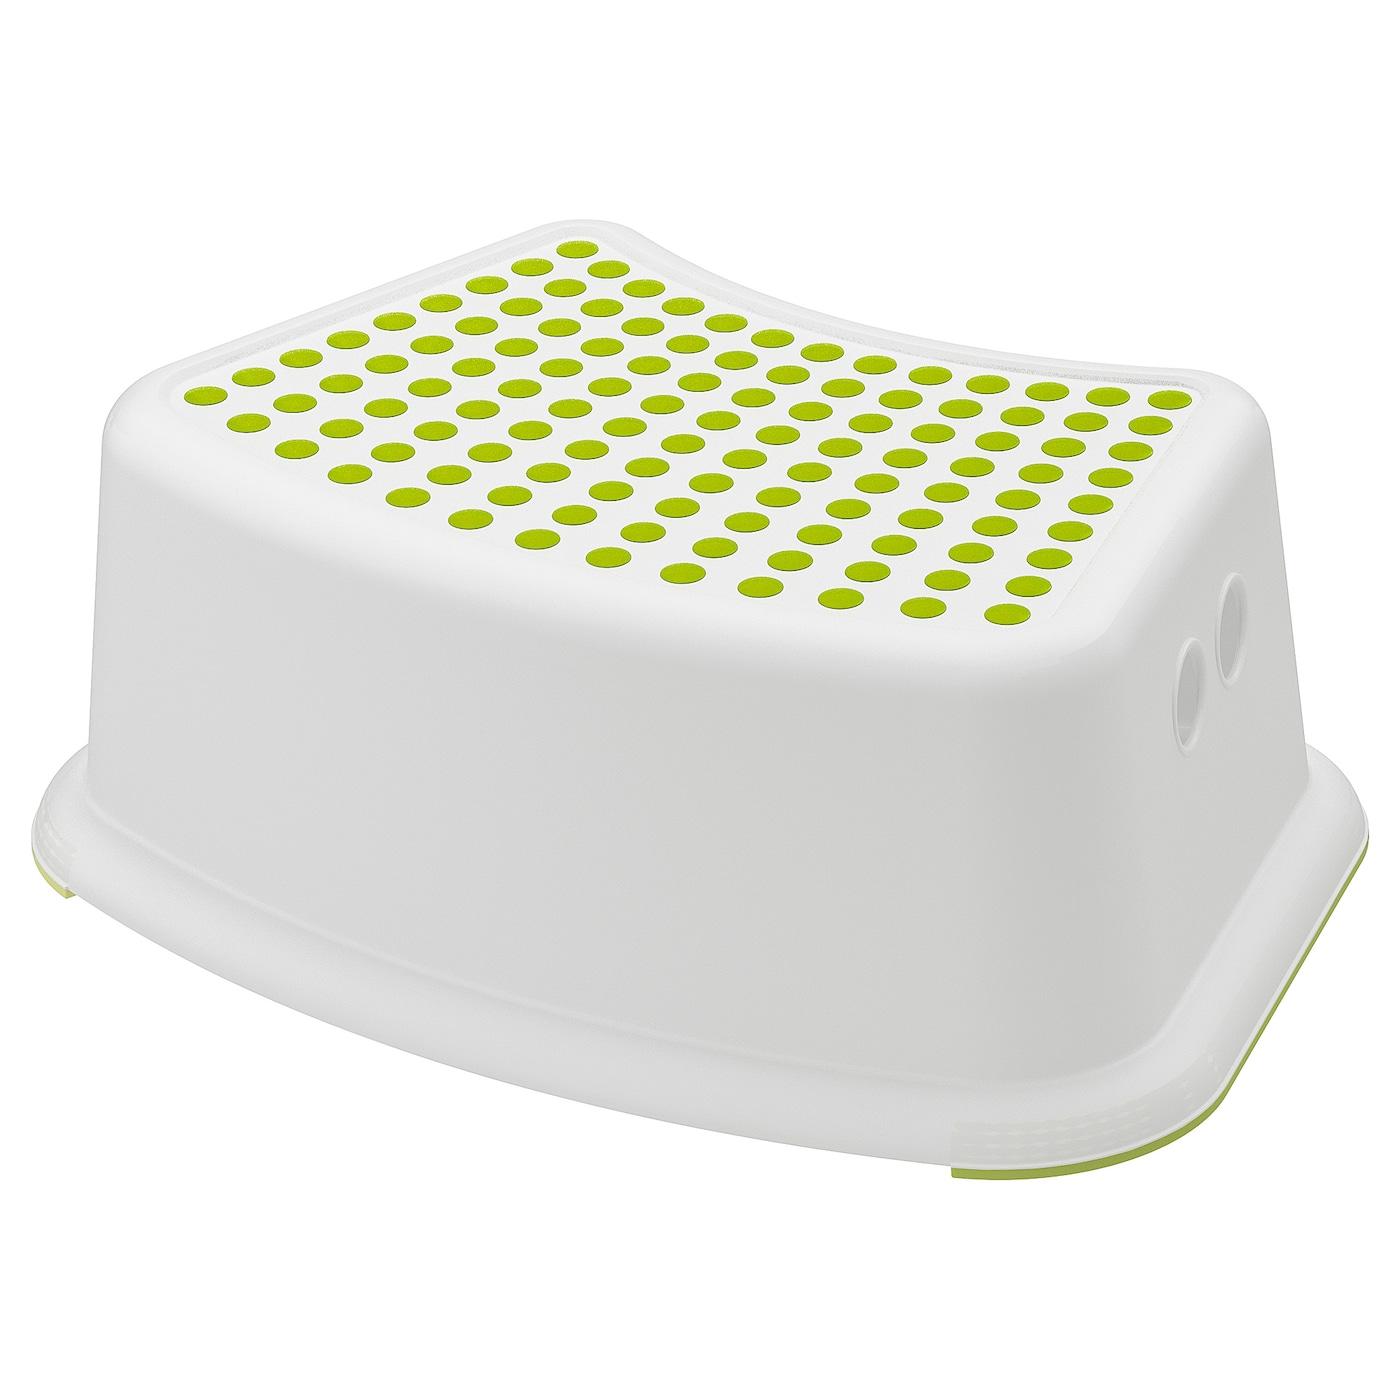 FÖRSIKTIG Kinderhocker - weiß/grün